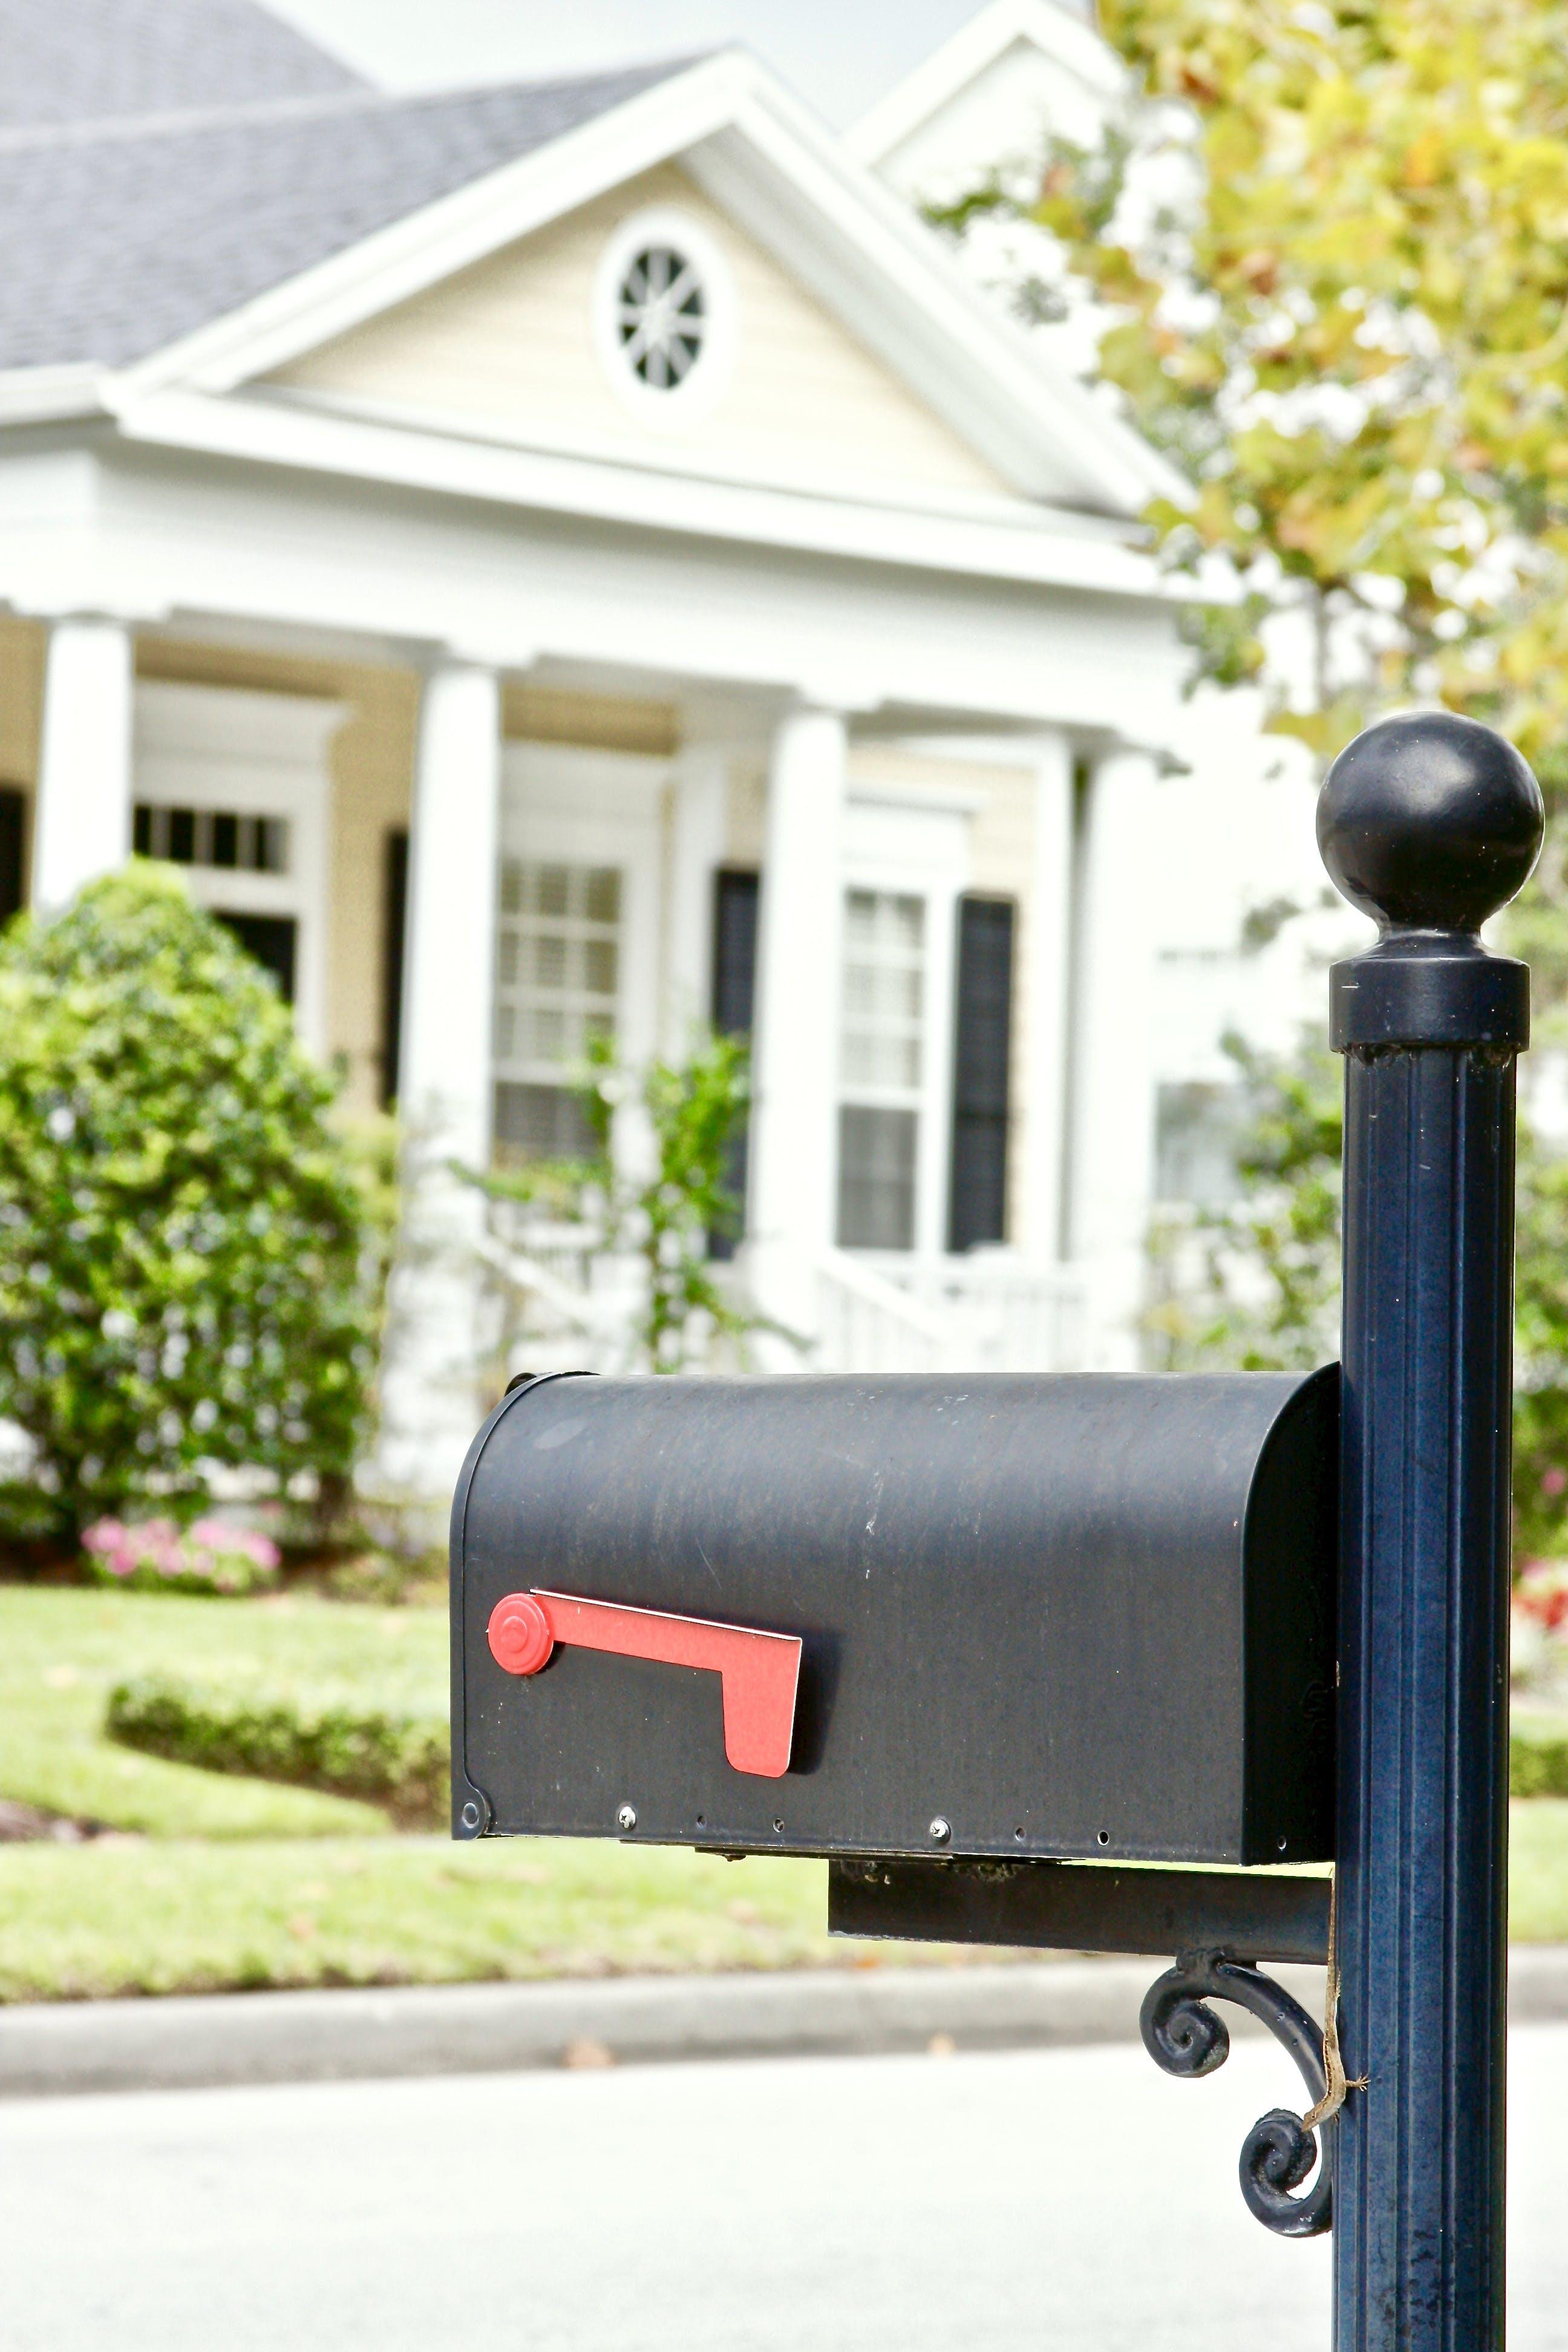 Δωρεάν στοκ φωτογραφιών με γραμματοκιβώτιο, ταχυδρομείο